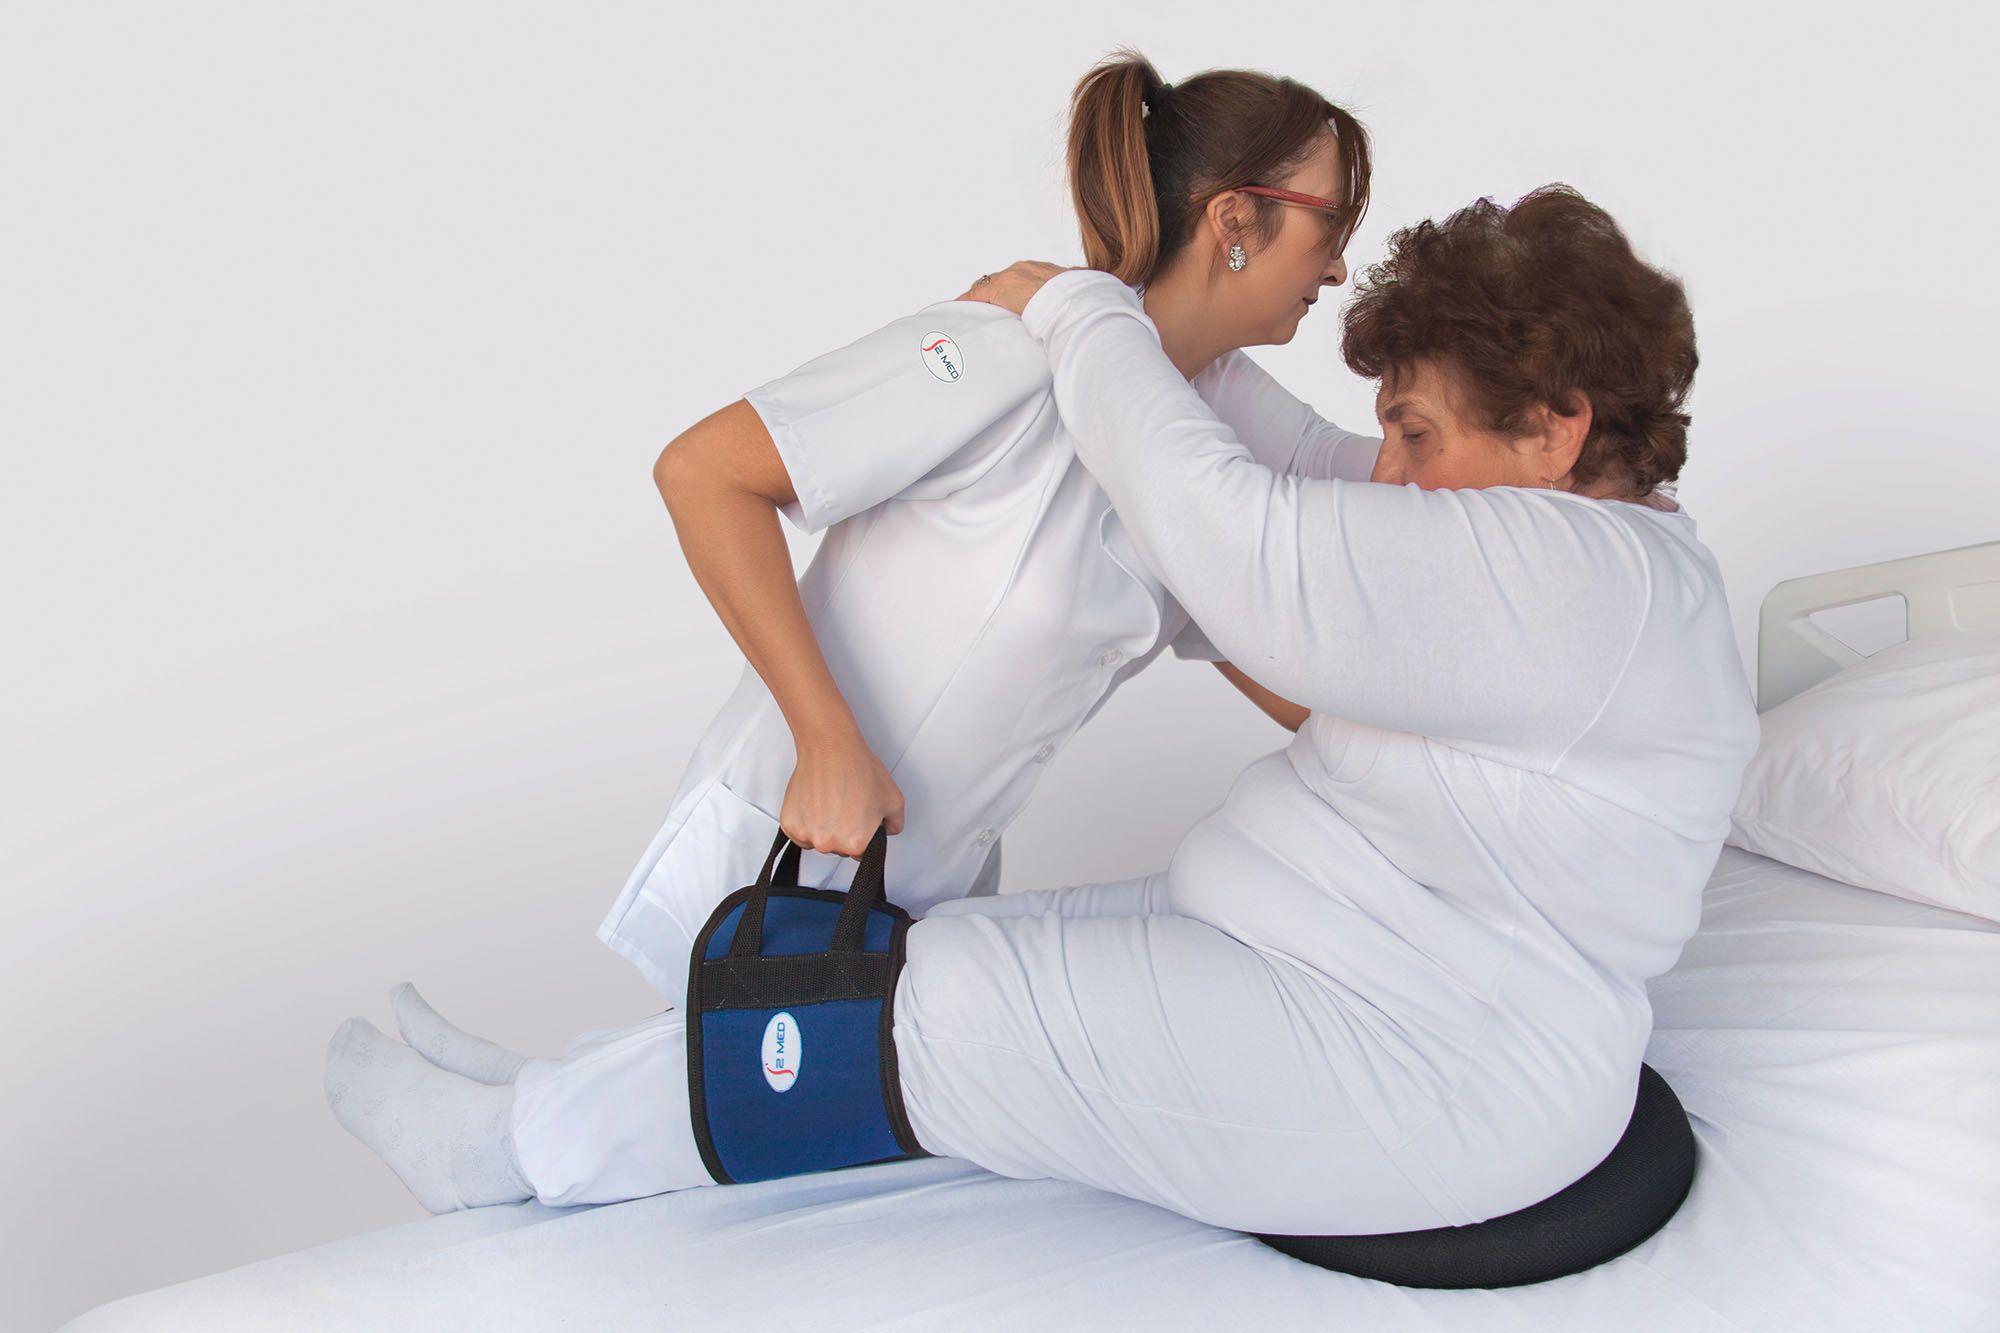 Cinta com velcro para unir as pernas no auxílio de transferência, manobra ou reposicionamento de pessoas com mobilidade reduzida